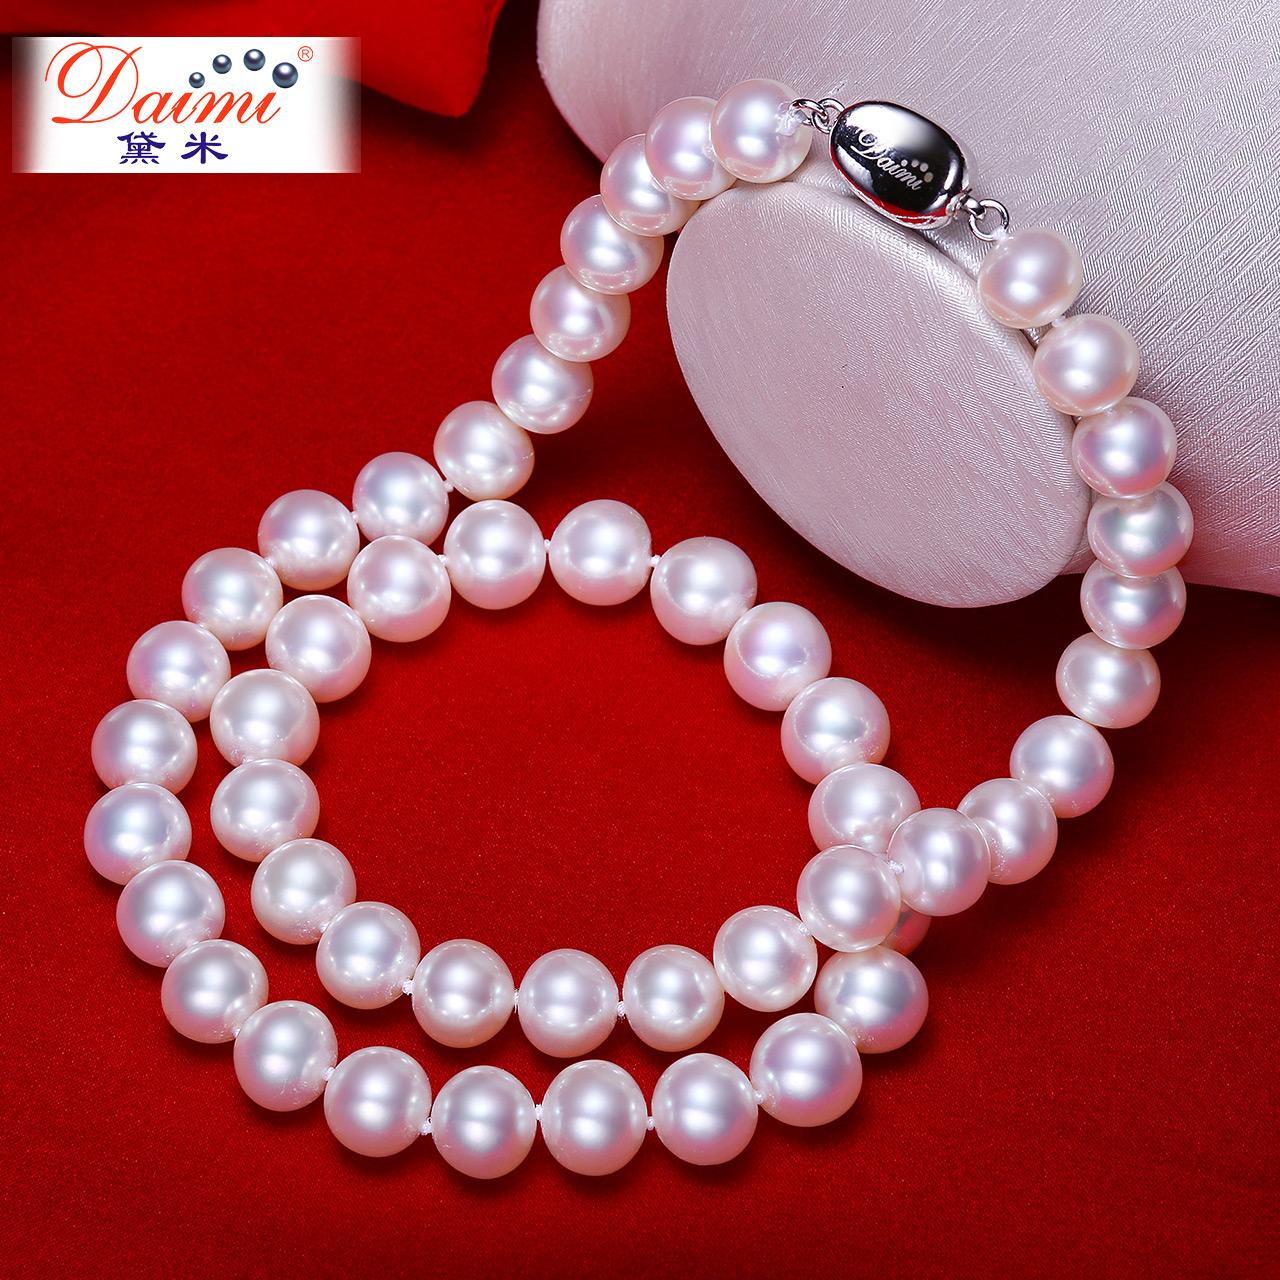 黛米天然珍珠项链